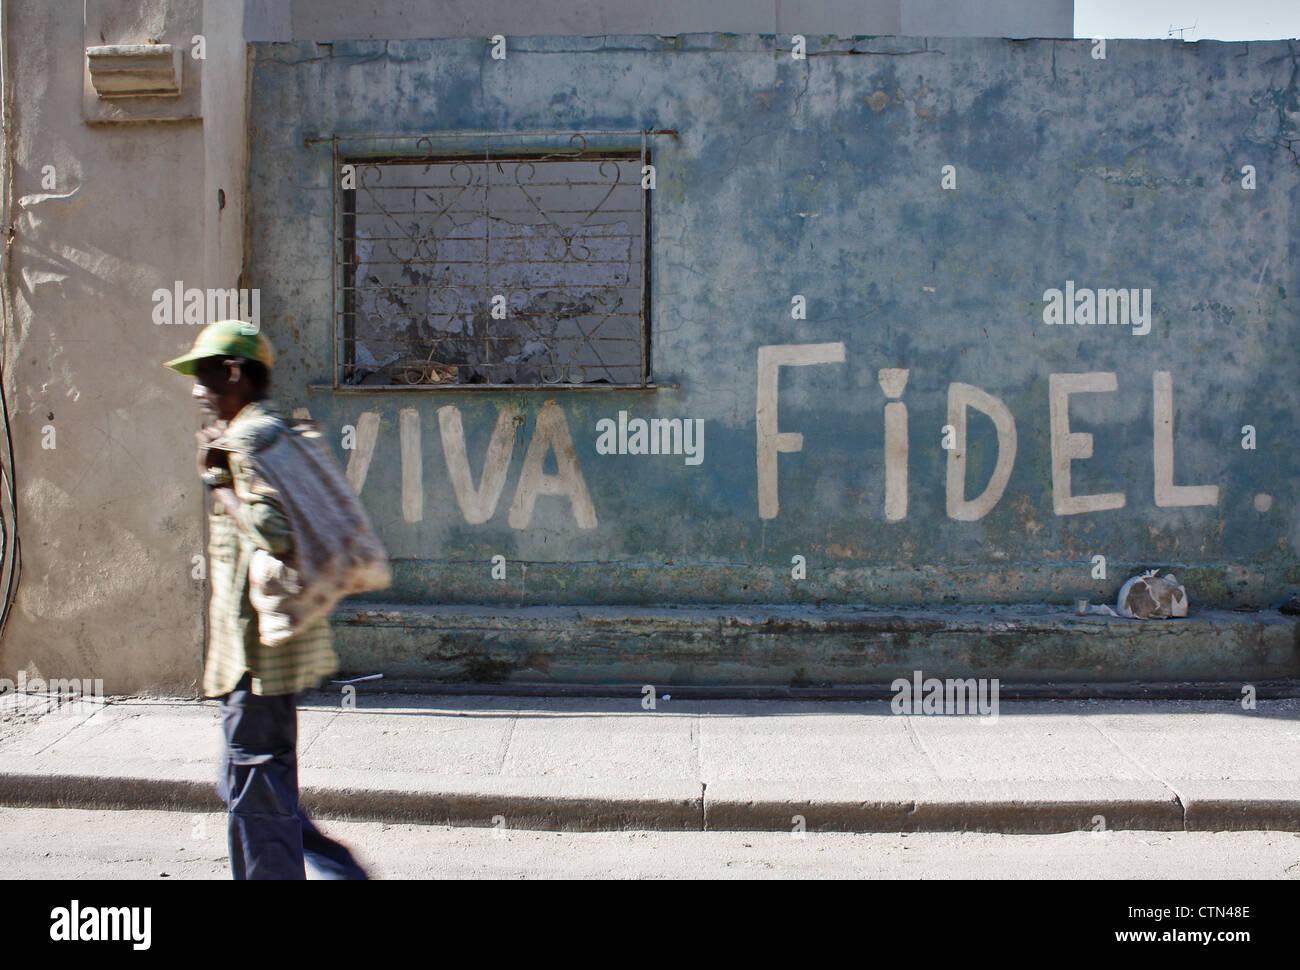 Viva Fidel geschrieben auf einer Wand in der Innenstadt von Havanna, Kuba Stockbild